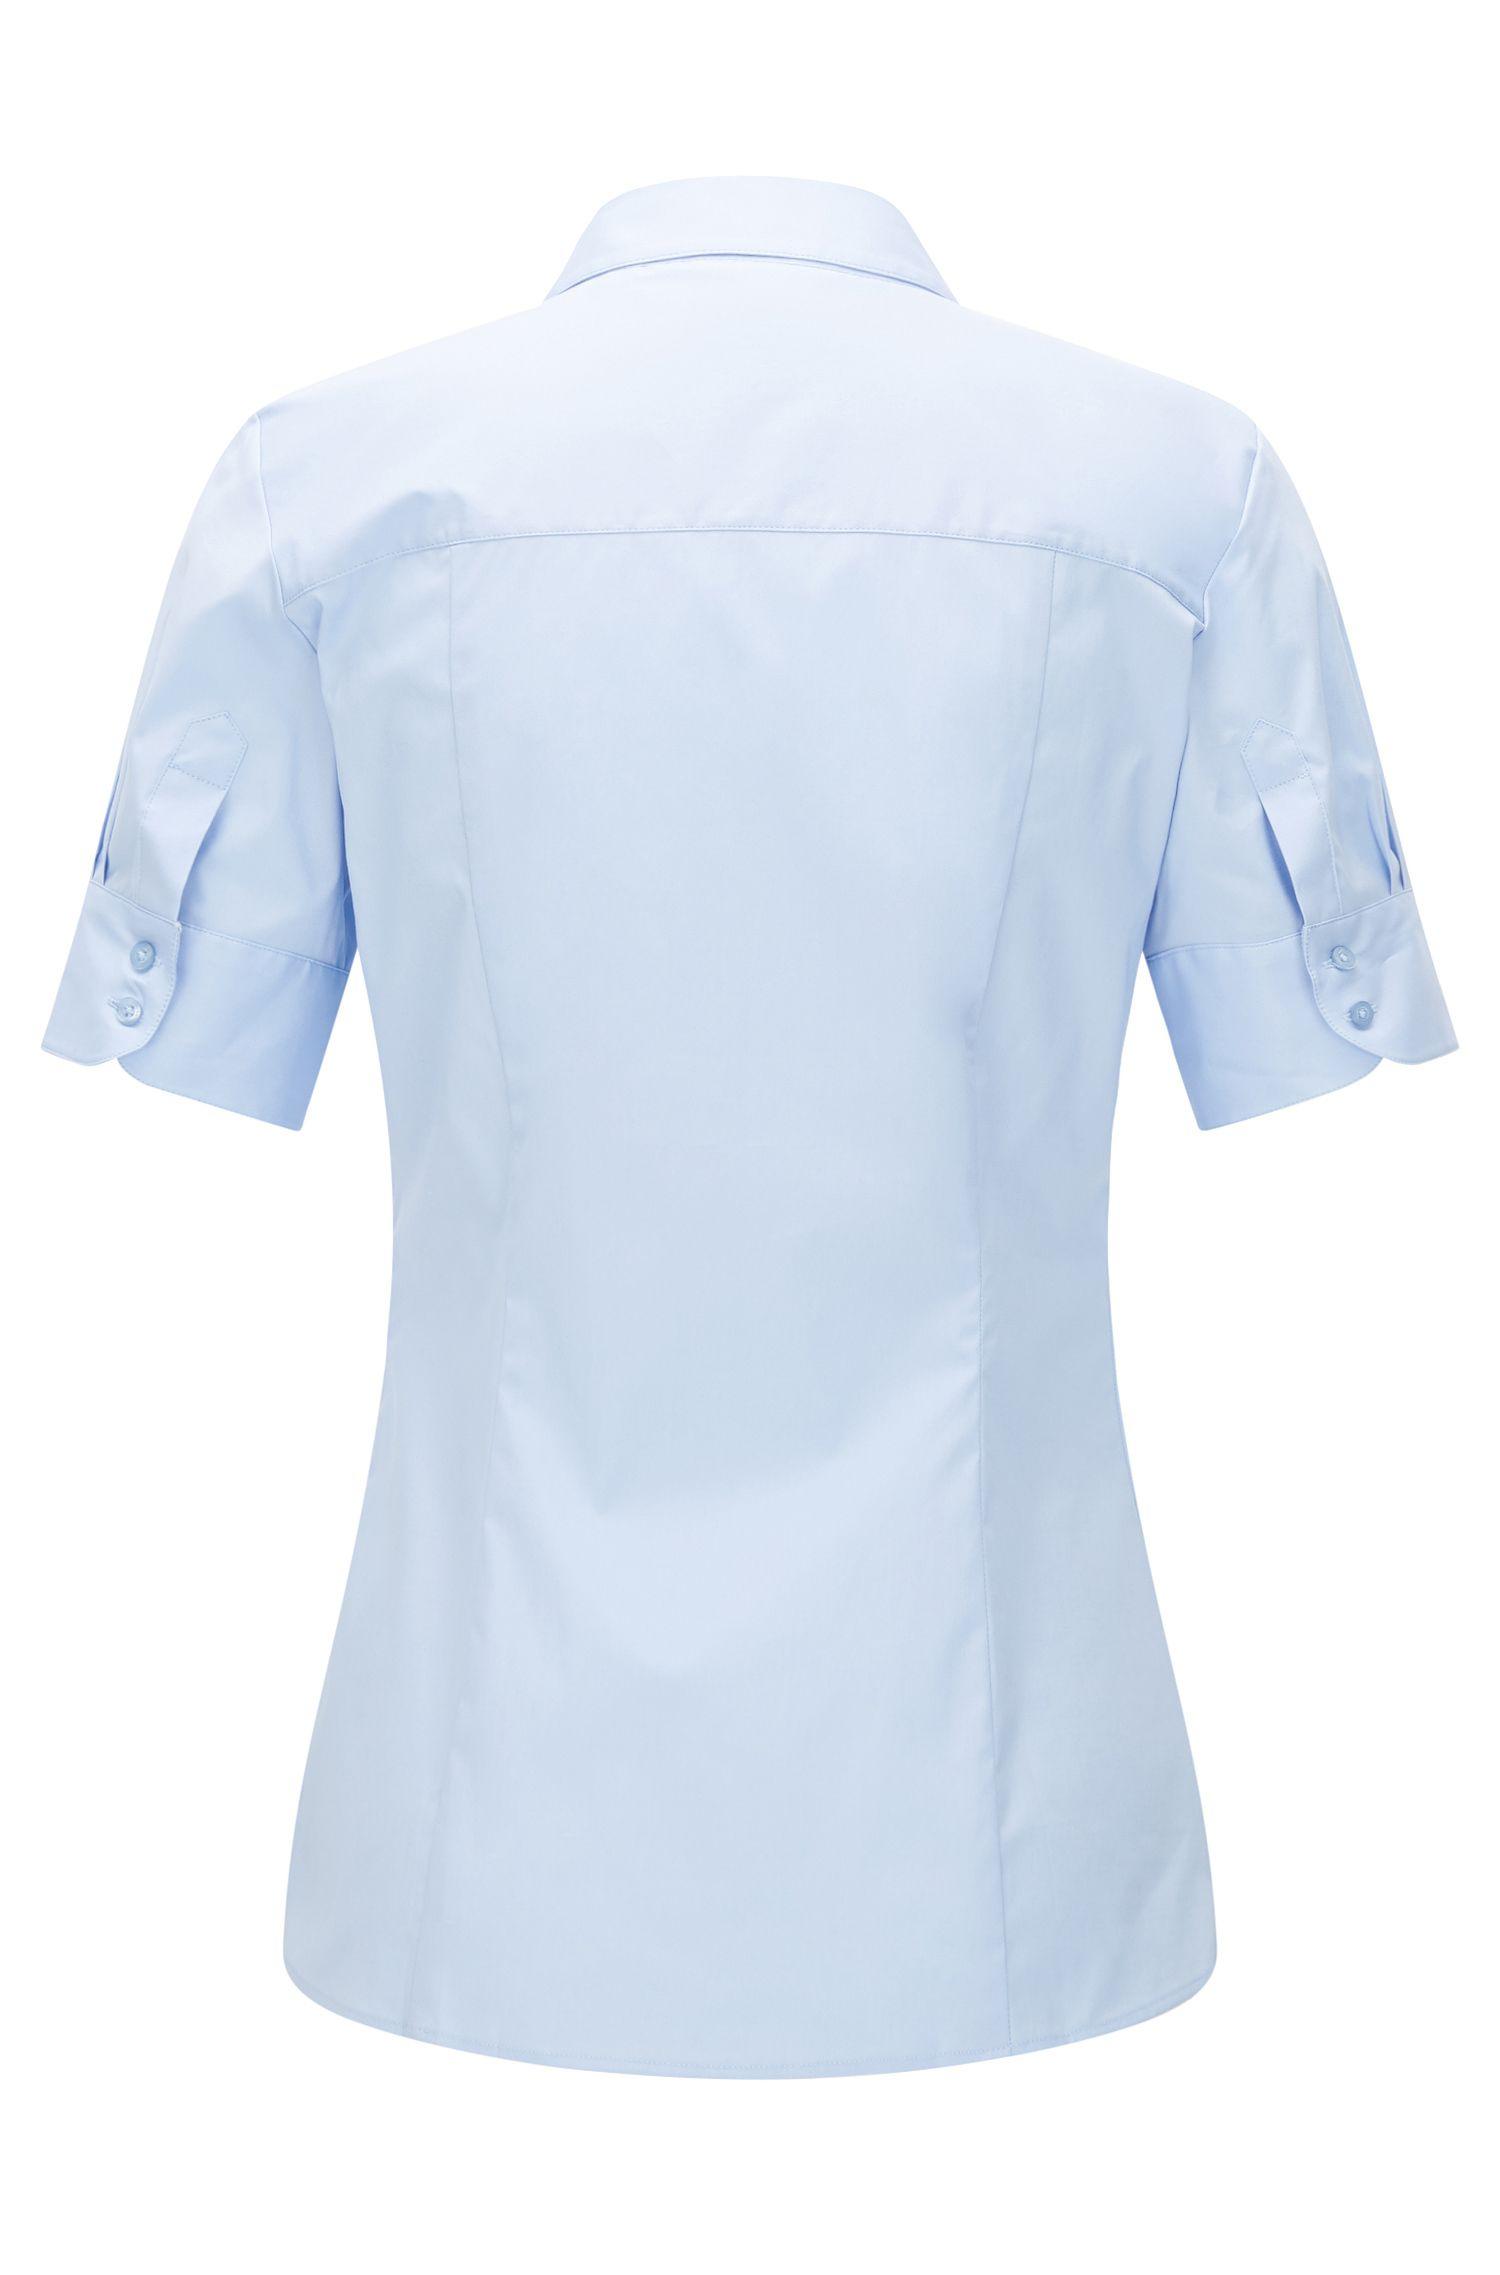 Taillierte Kurzarm-Bluse aus elastischer Baumwolle: 'Eshine'